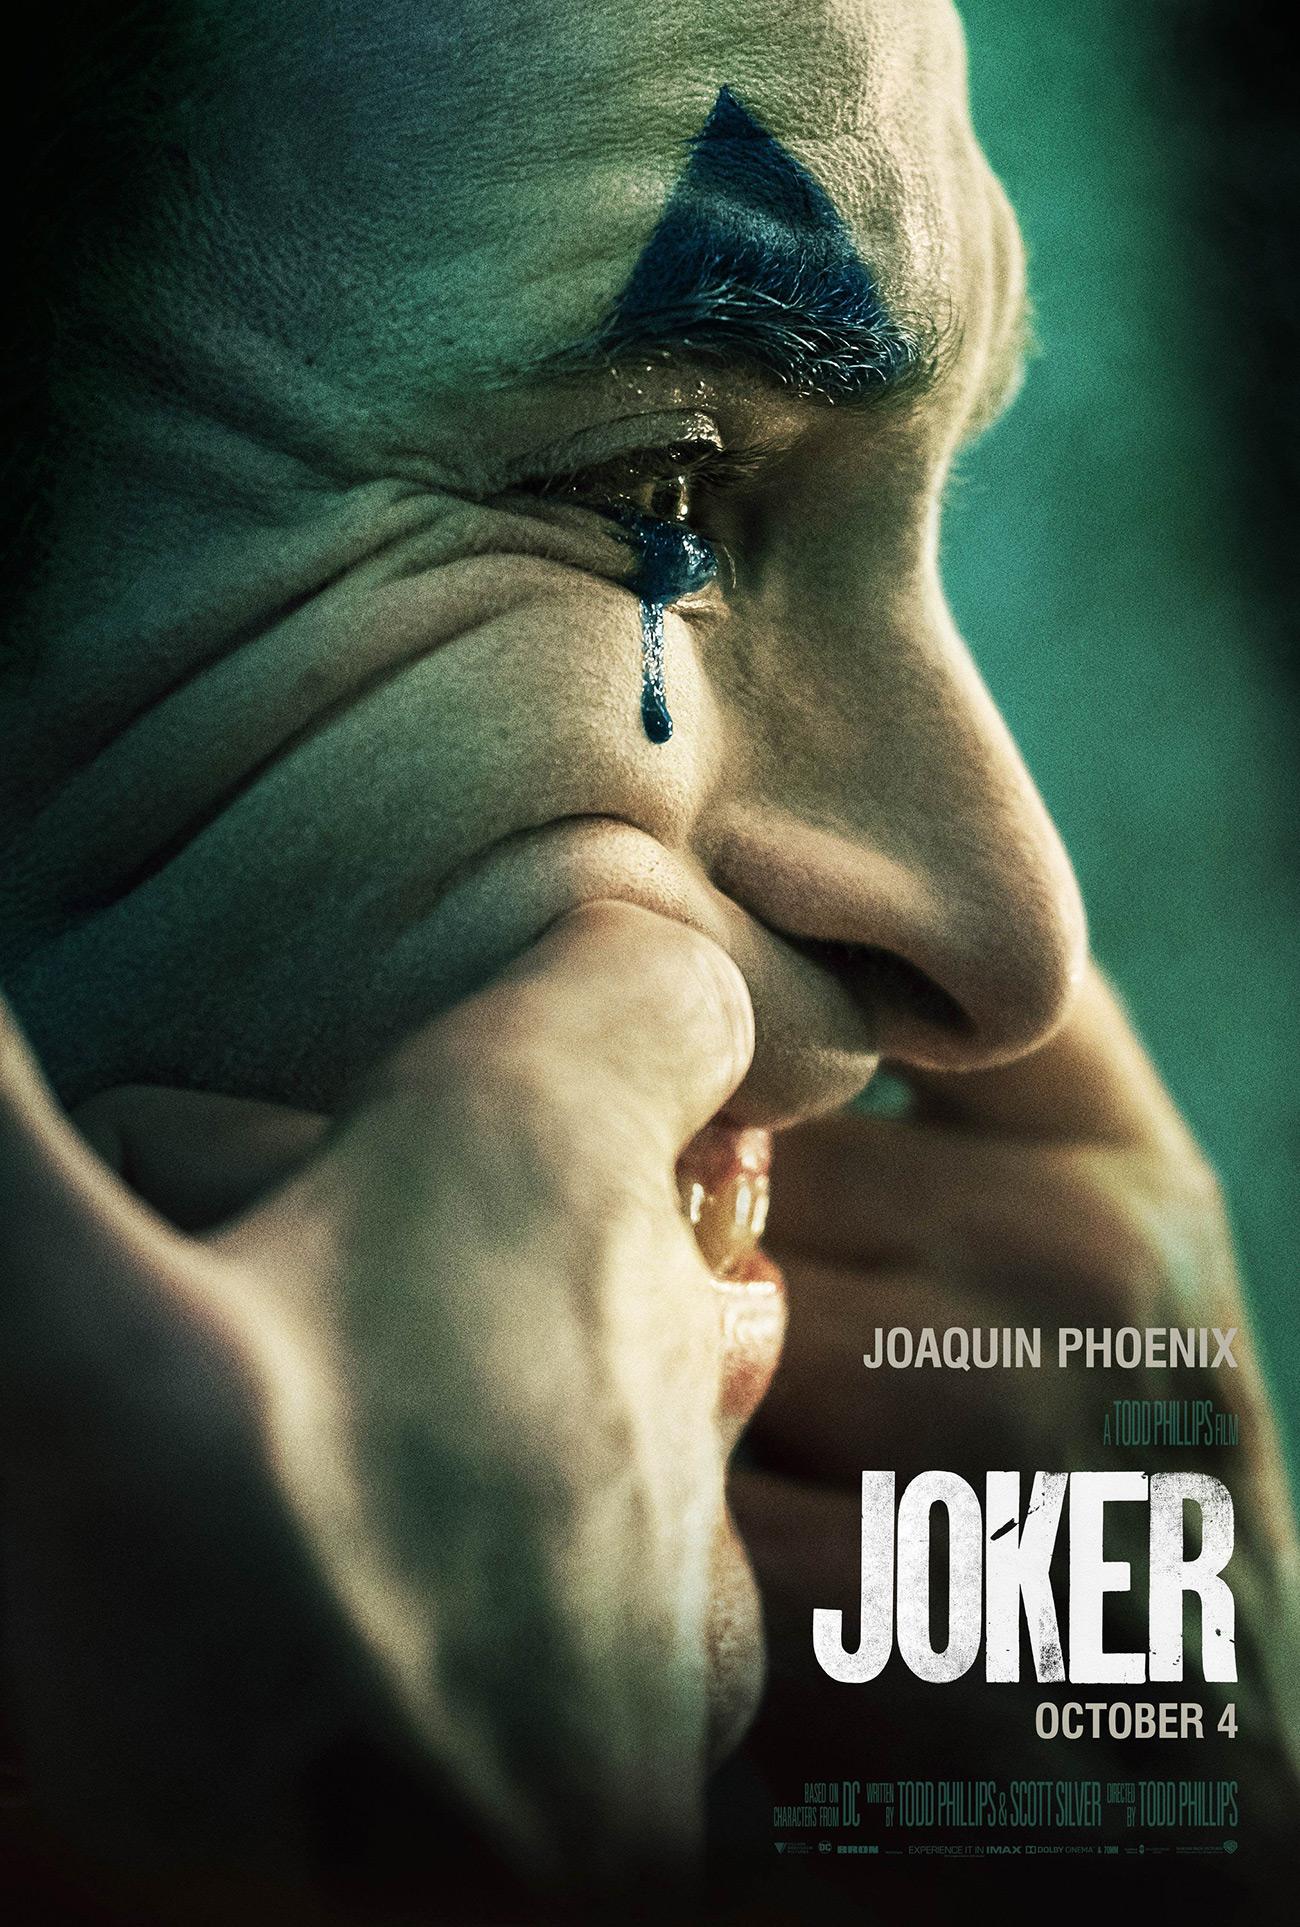 Wallpaper Joker 2019 Movie Joaquin Phoenix Actor Men